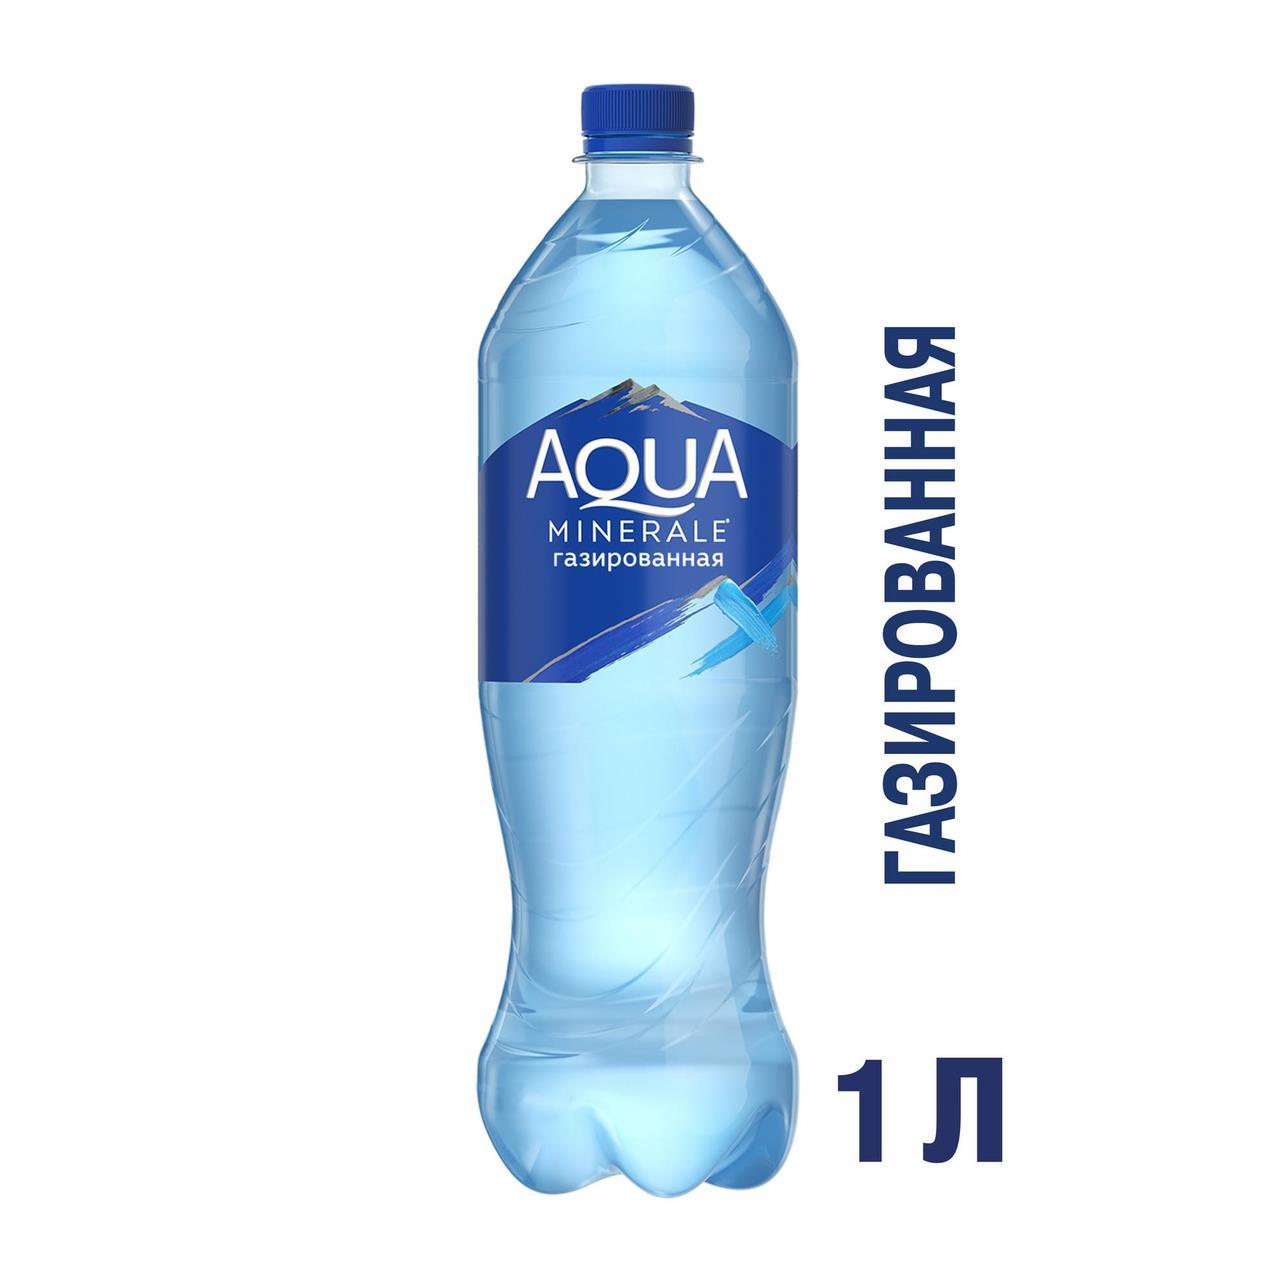 Вода минеральная AQUA MINERALE газированная, 1л